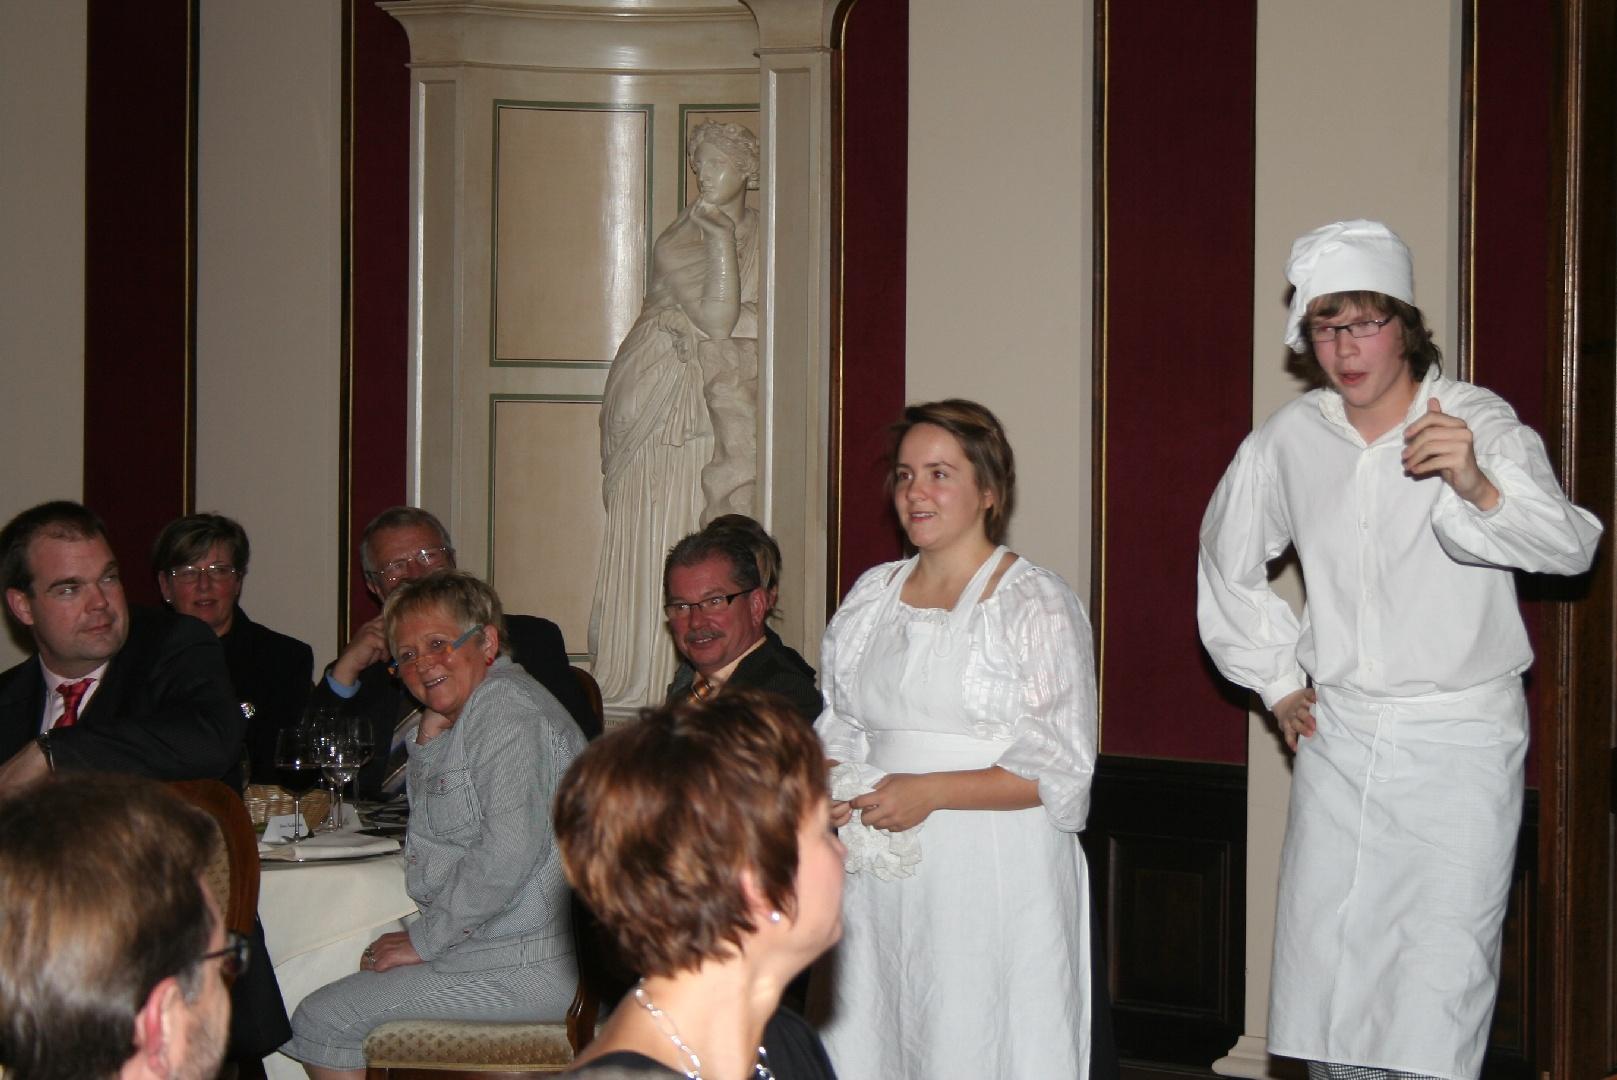 2009-11-08_Martensmannfestschmaus_075